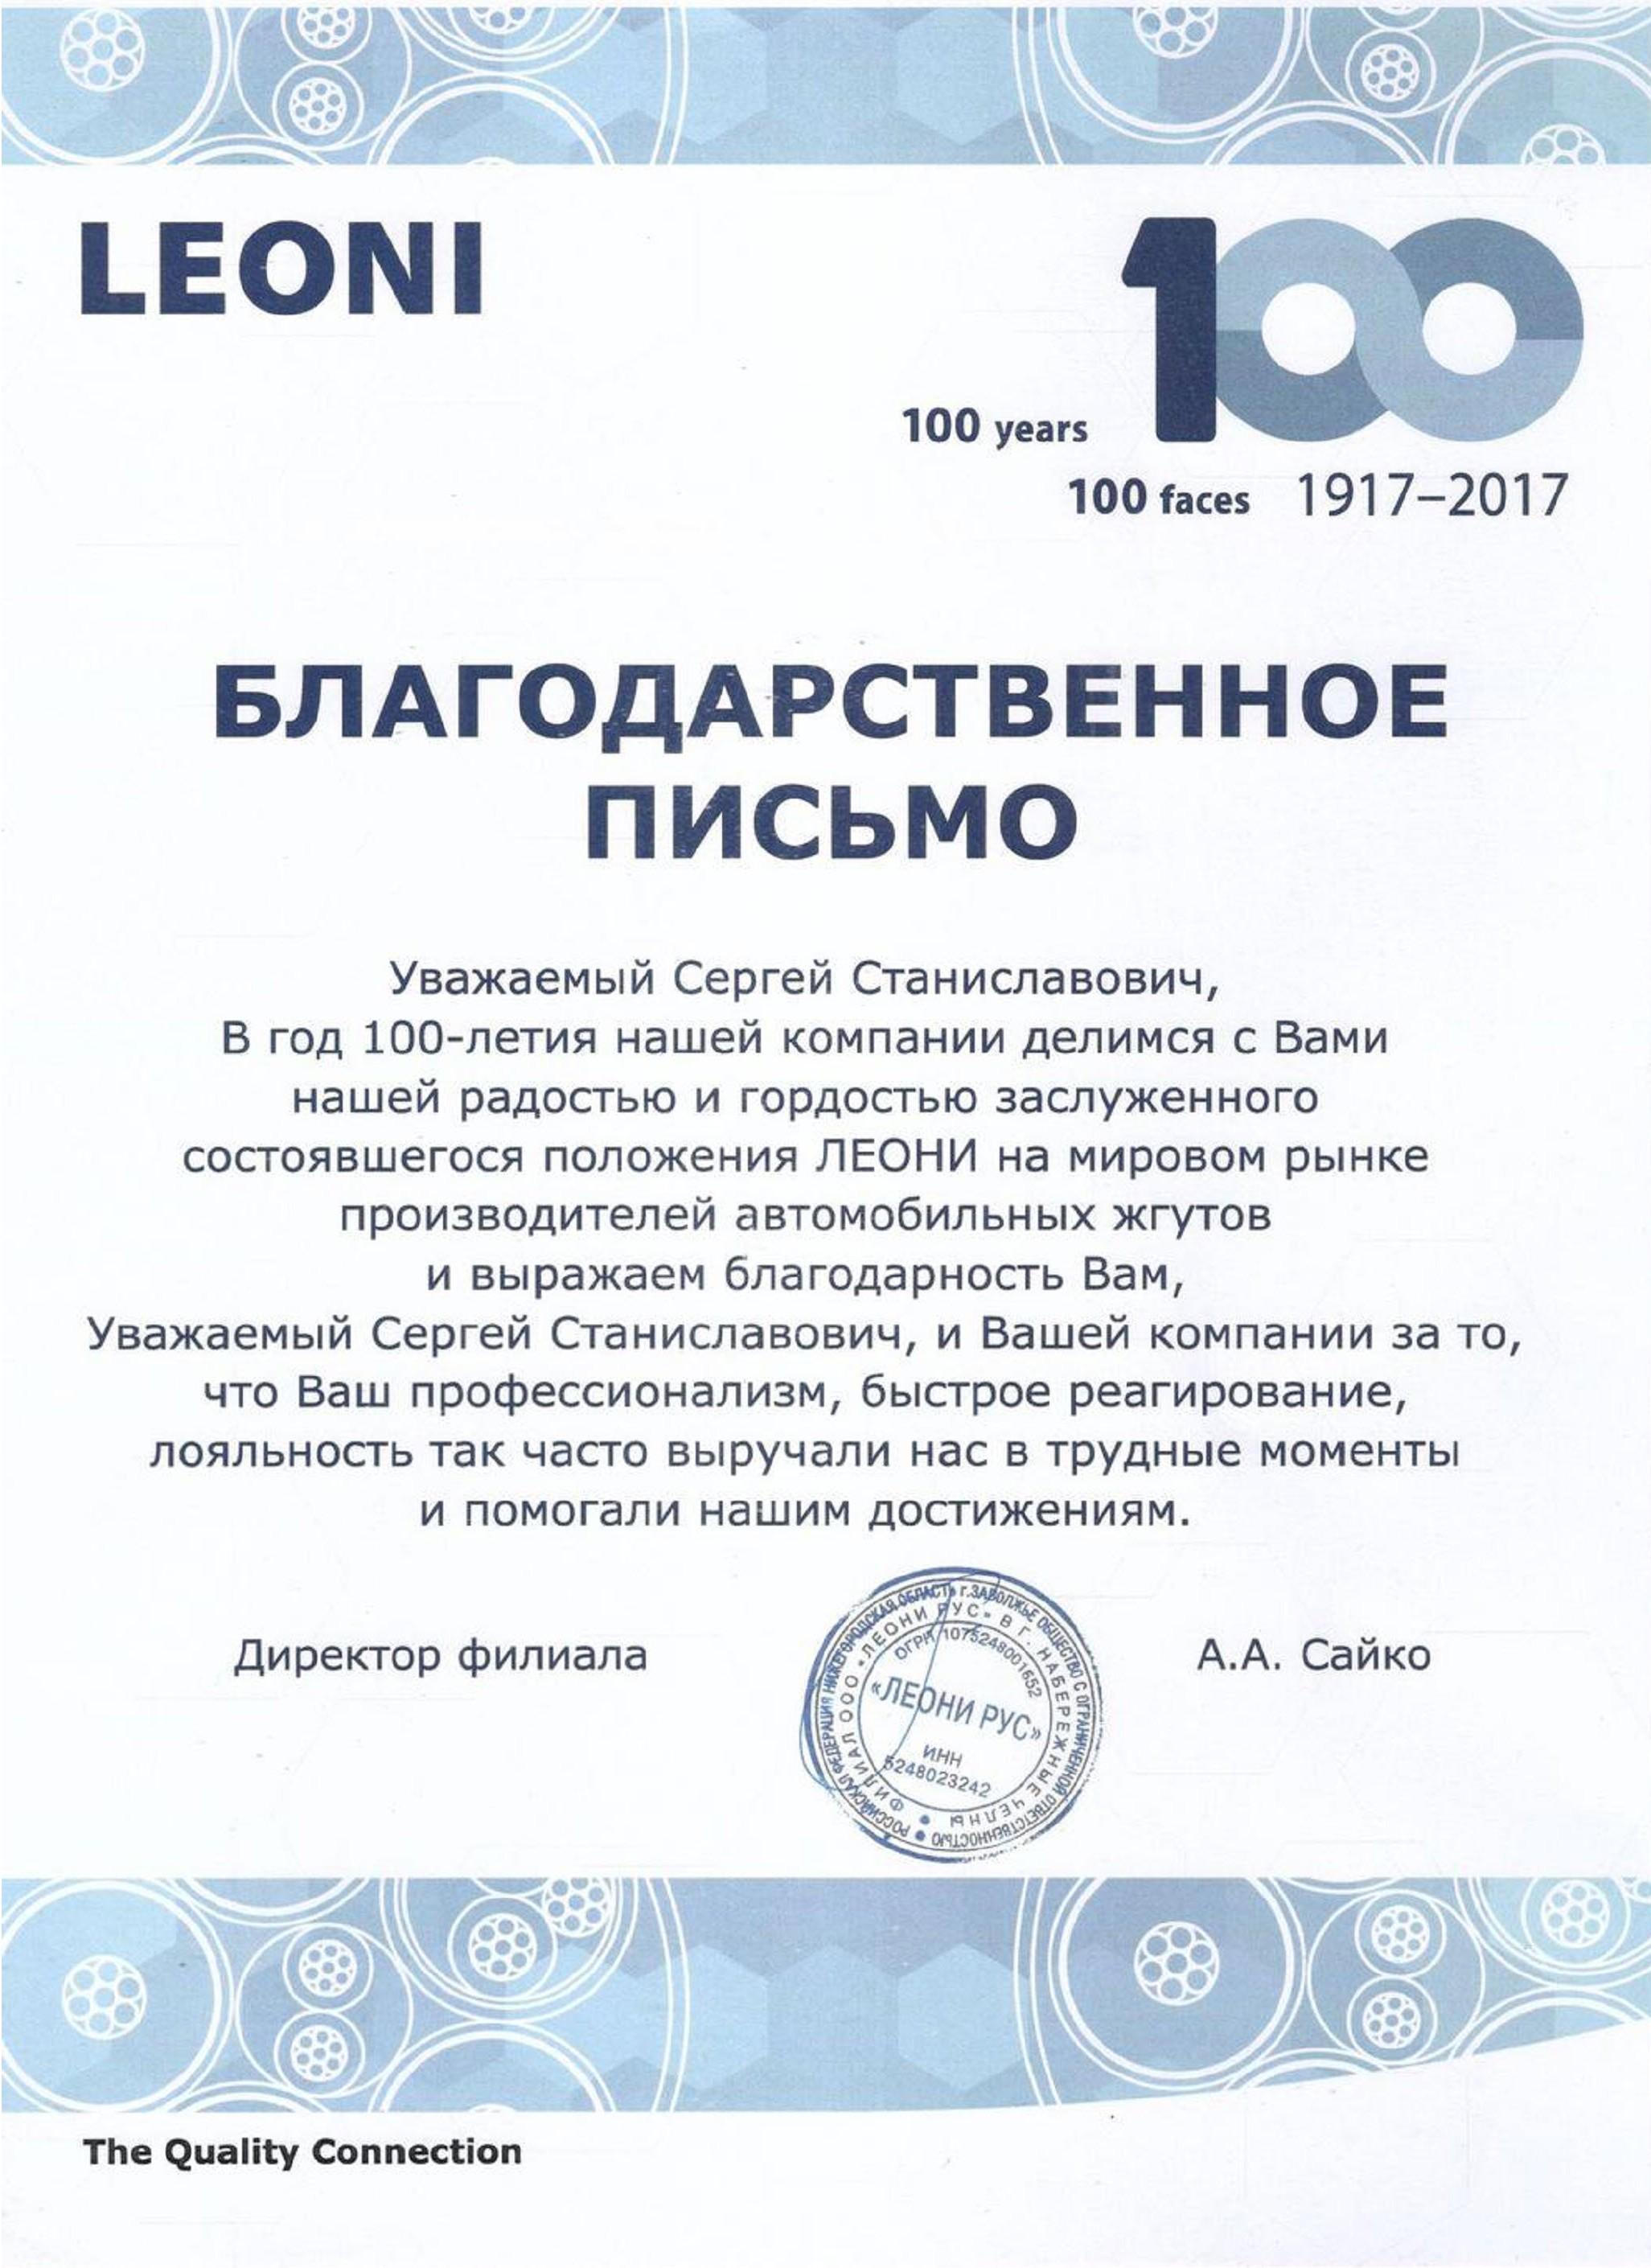 Письмо LEONI - отзыв охранные услуги ЧОП АВАНТАЖ